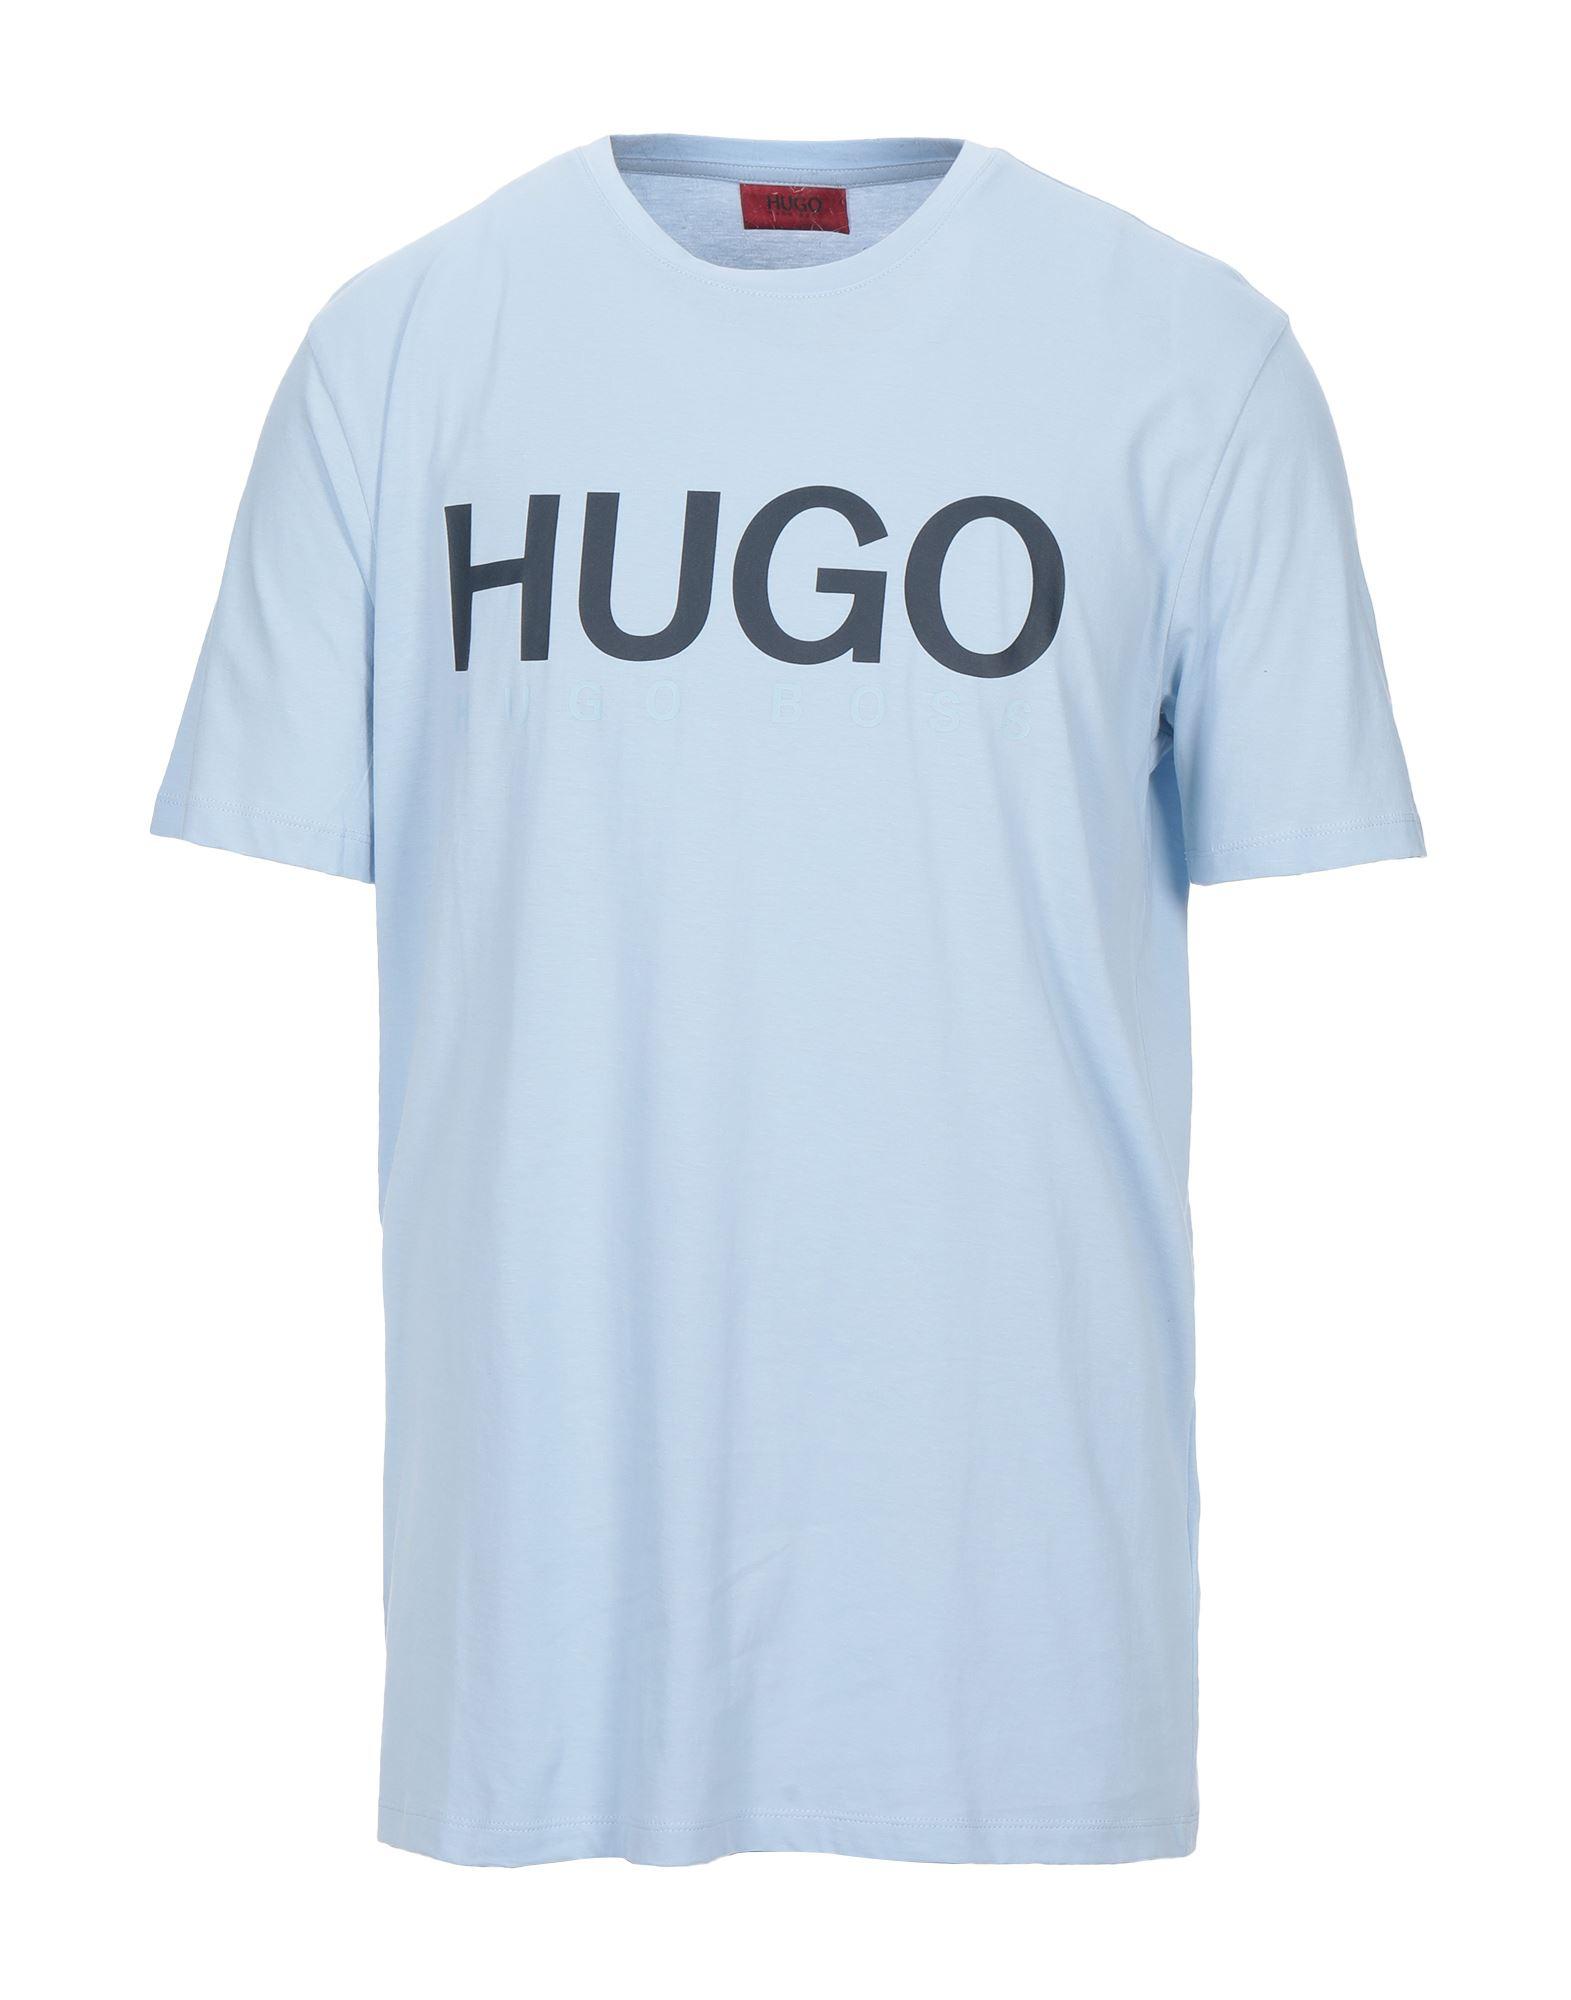 HUGO HUGO BOSS Футболка hugo hugo boss футболка